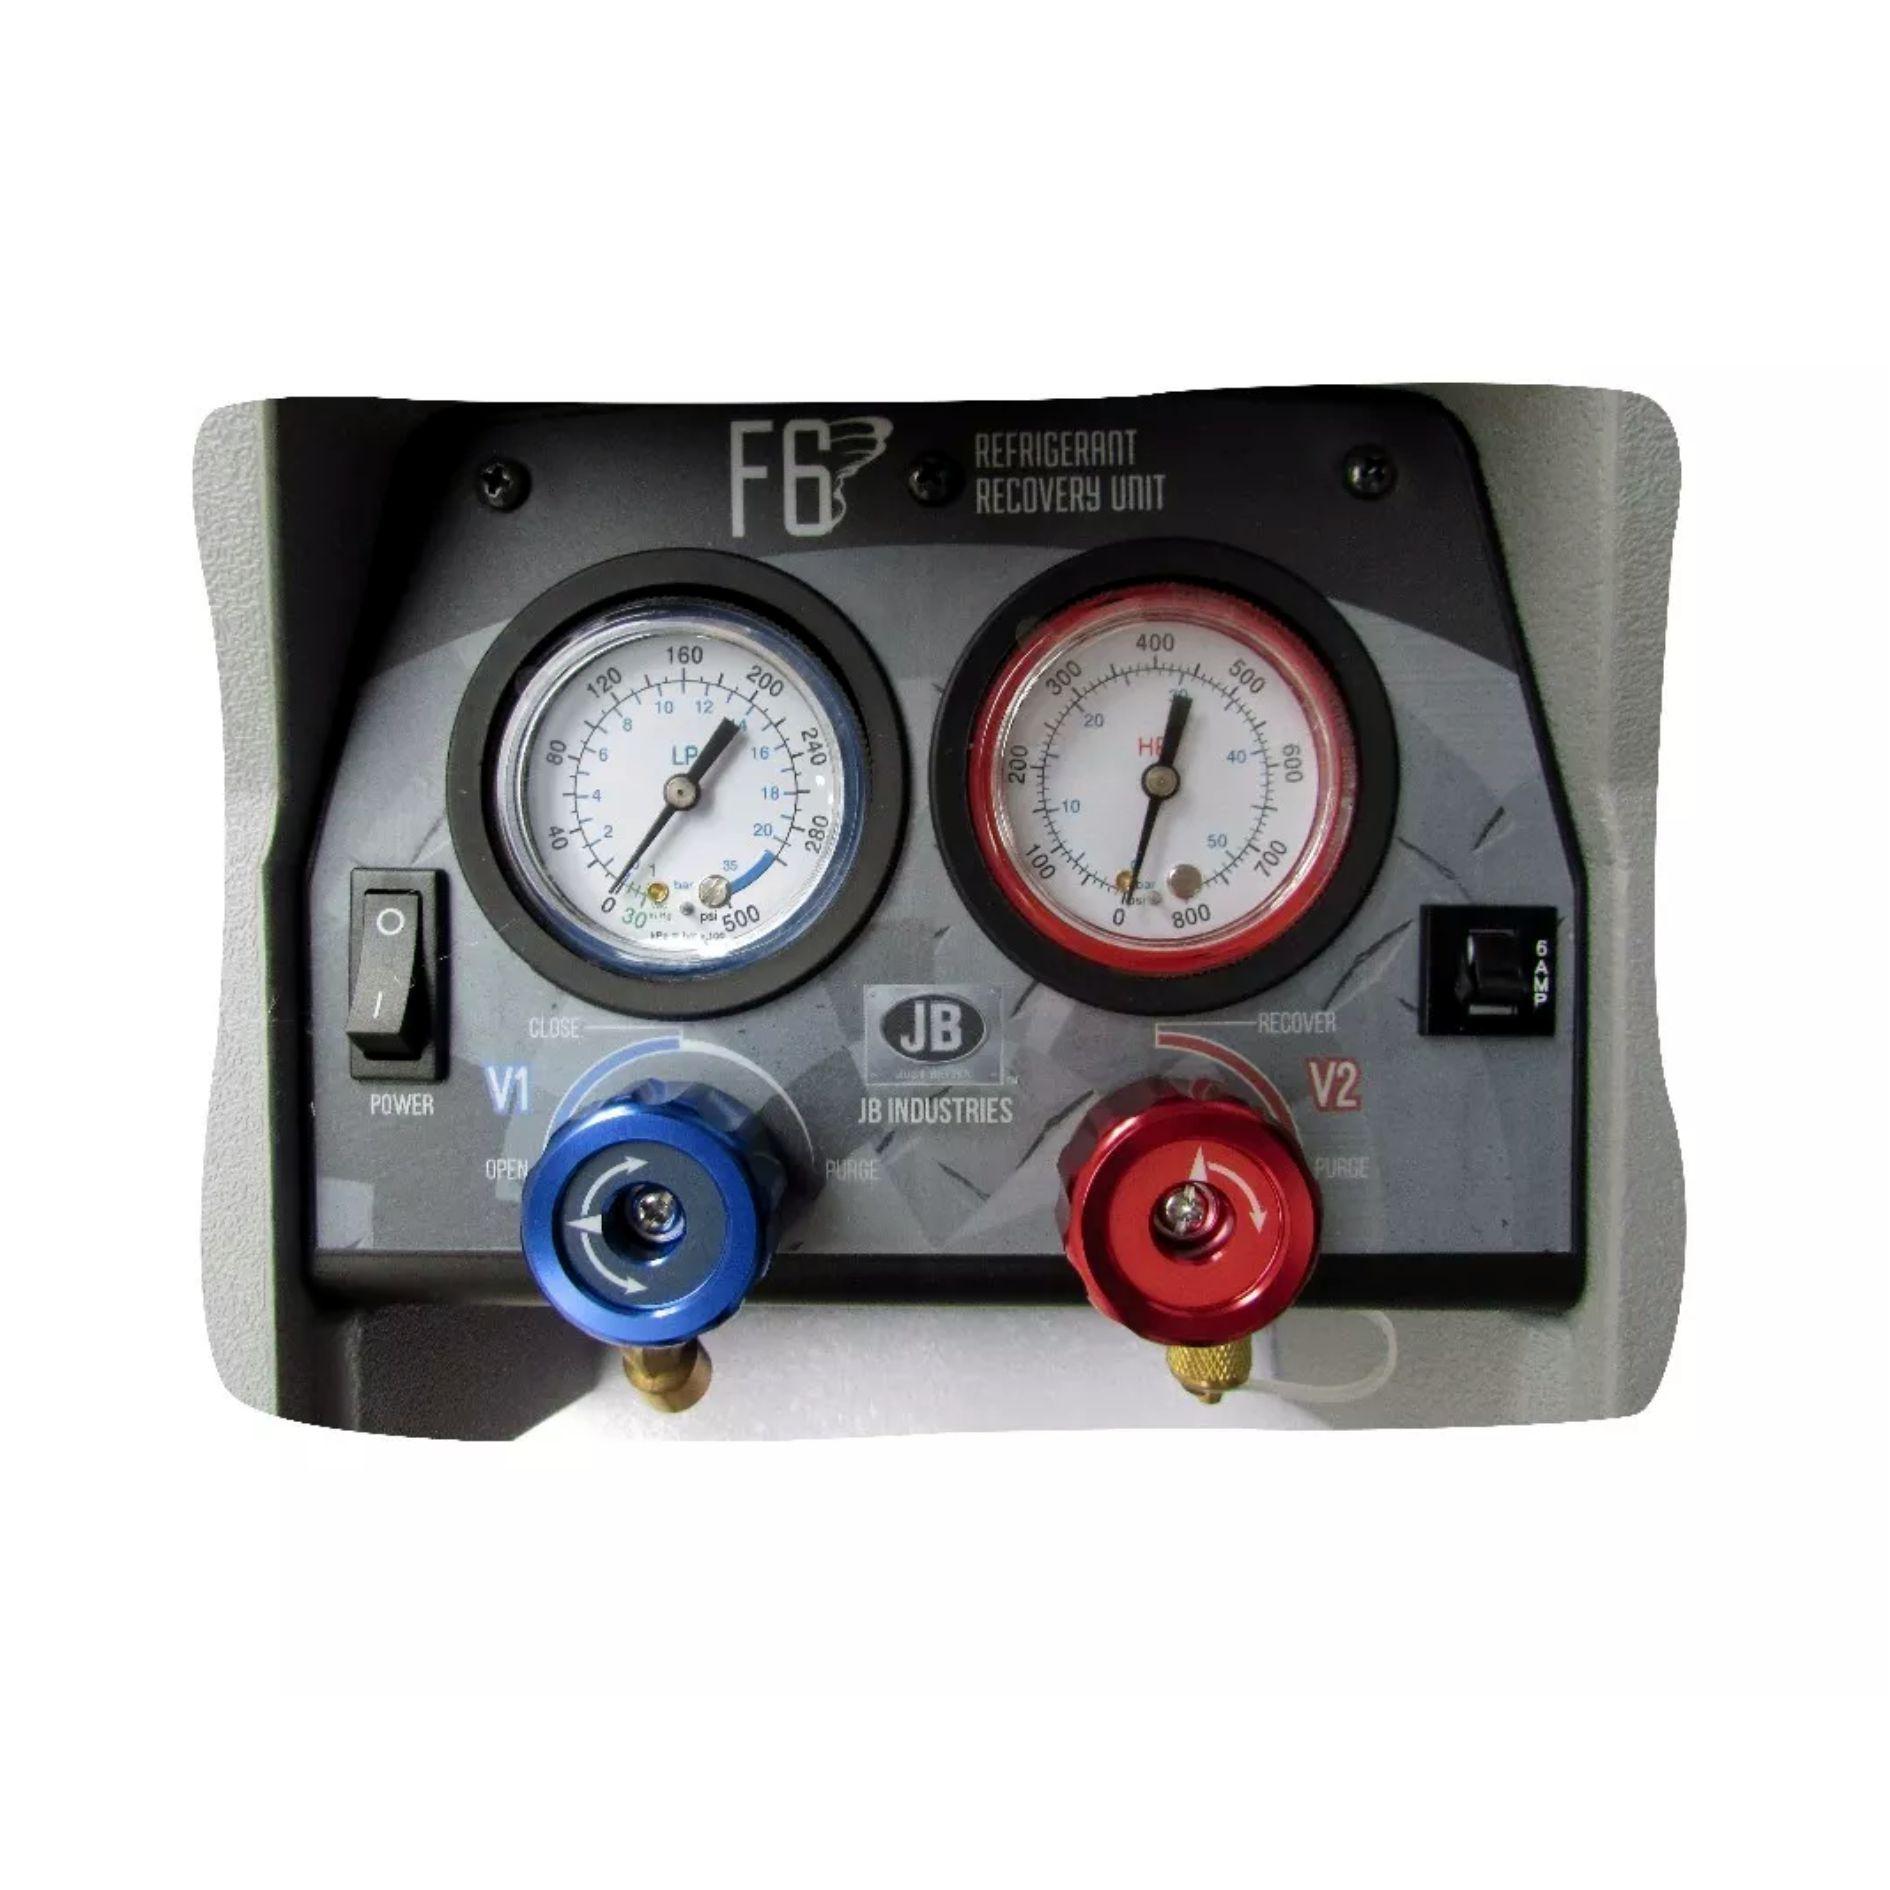 Estação Recolhedora / Recicladora de Gás Refrigerante JB Industries F6 DP250 Pistão Duplo